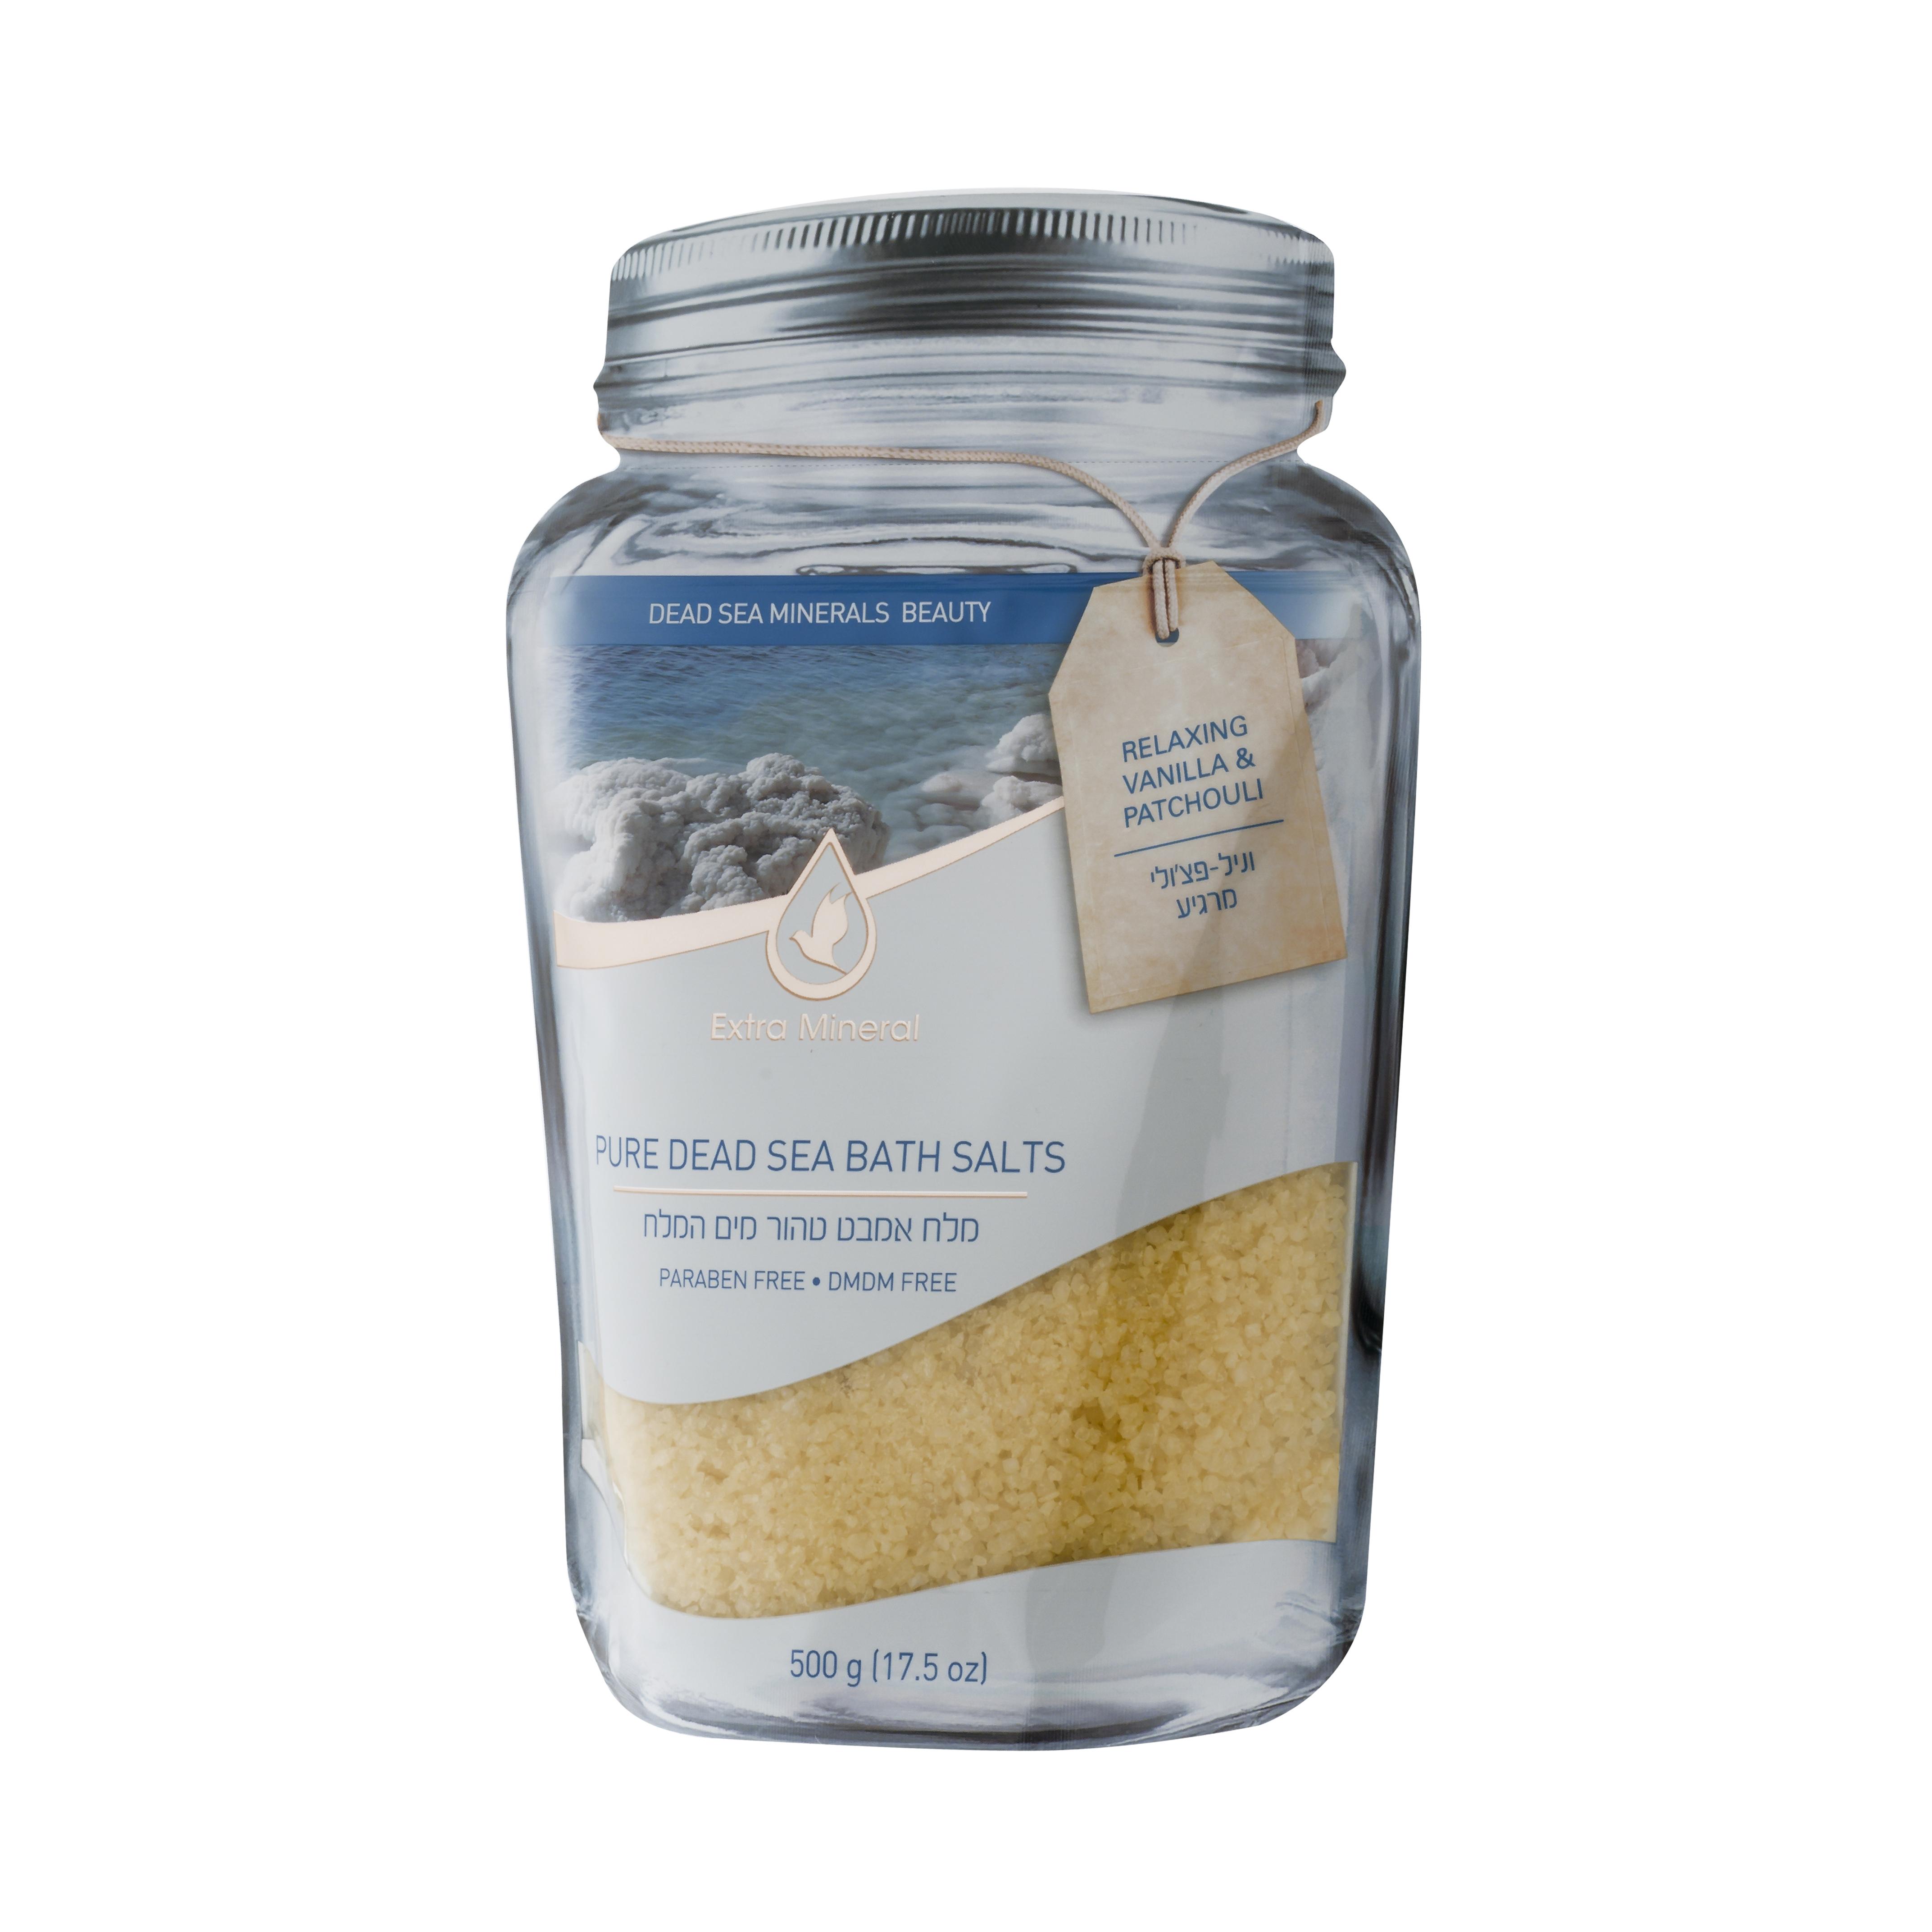 Extra Mineral Соль Мертвого моря, раслабляющая. Ваниль и пачули 500 гFS-00897Соль Мертвого моря Extra Mineral расслабляющая для ванн. Ваниль и пачули. 100% соль Мервого моря, обогащенная минералами Мертвого моря с легким ароматом ванили.Благотворно влияет на кожу и организм в целом, питая кожу минералами Мертвого моря, снимая напряжение в мышцах. Позвольте себе испытать ощущение полного расслабления на волшебном берегу Мертвого моря. Уникальная упаковка позволяет открывать и закрывать тубу многократно, сохраняя полезные свойства и аромат соли Мертвого моря Extra Mineral.